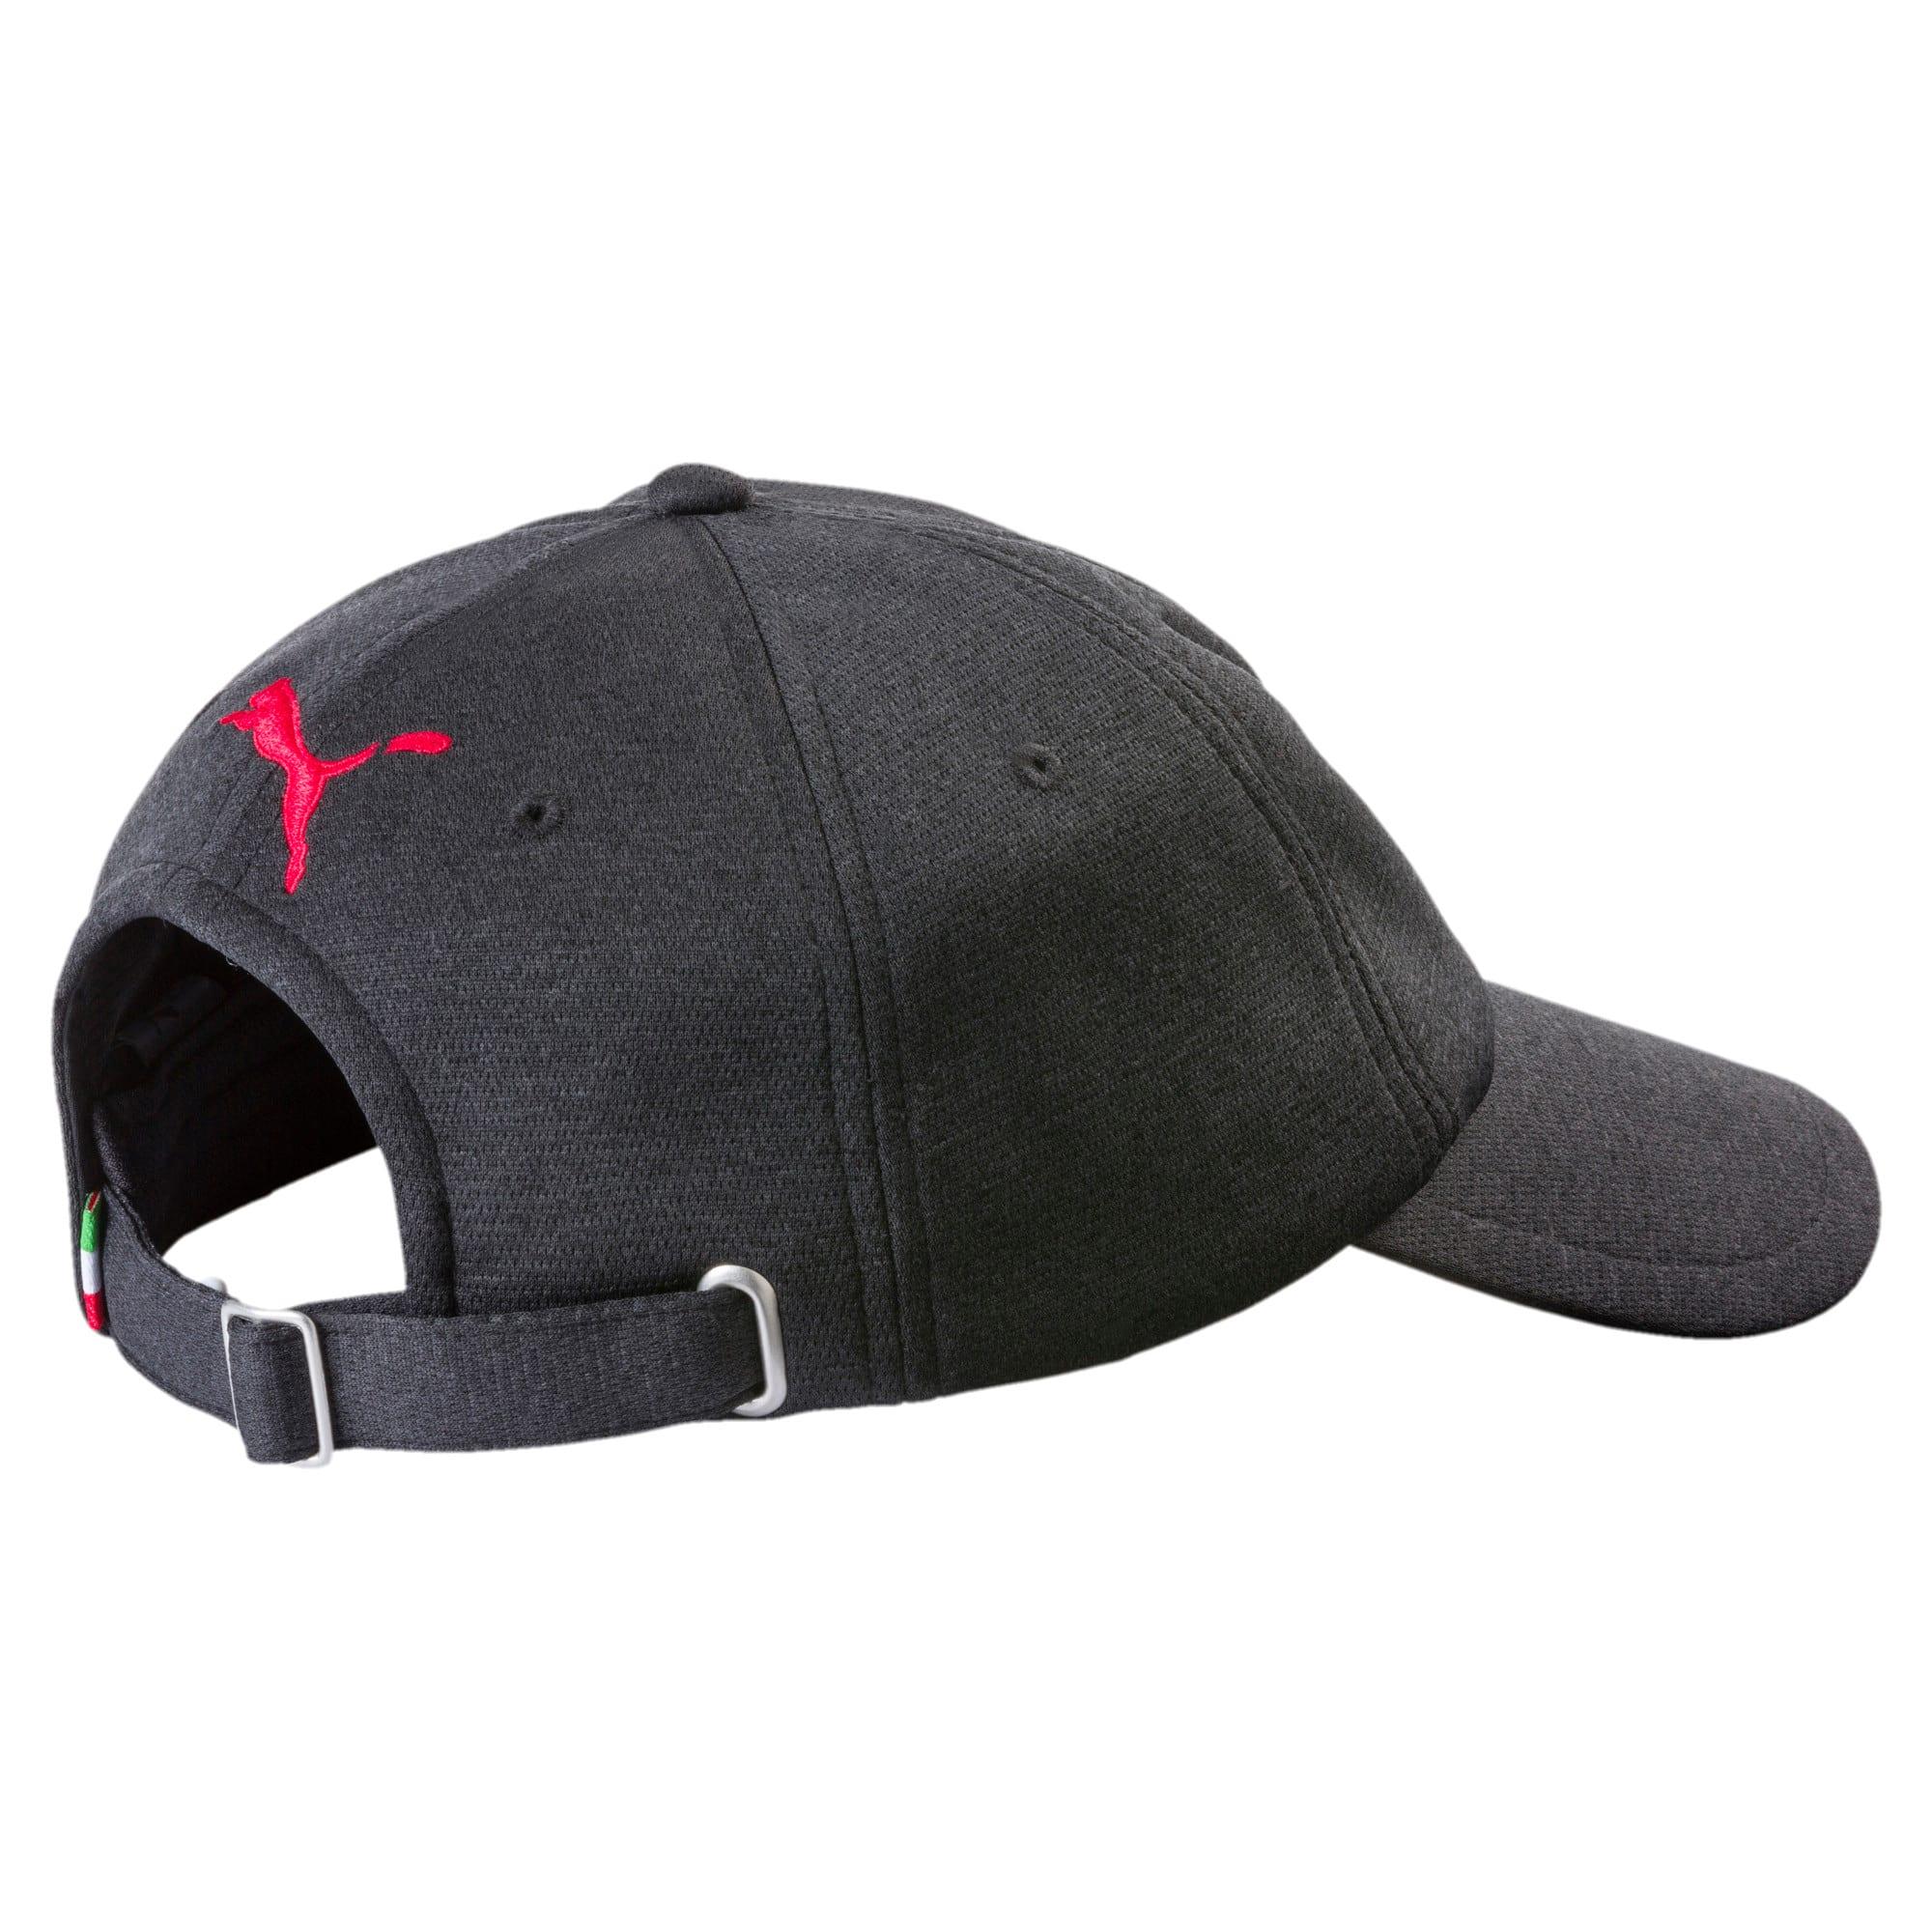 Thumbnail 2 of Ferrari Fanwear Baseball Hat, Puma Black, medium